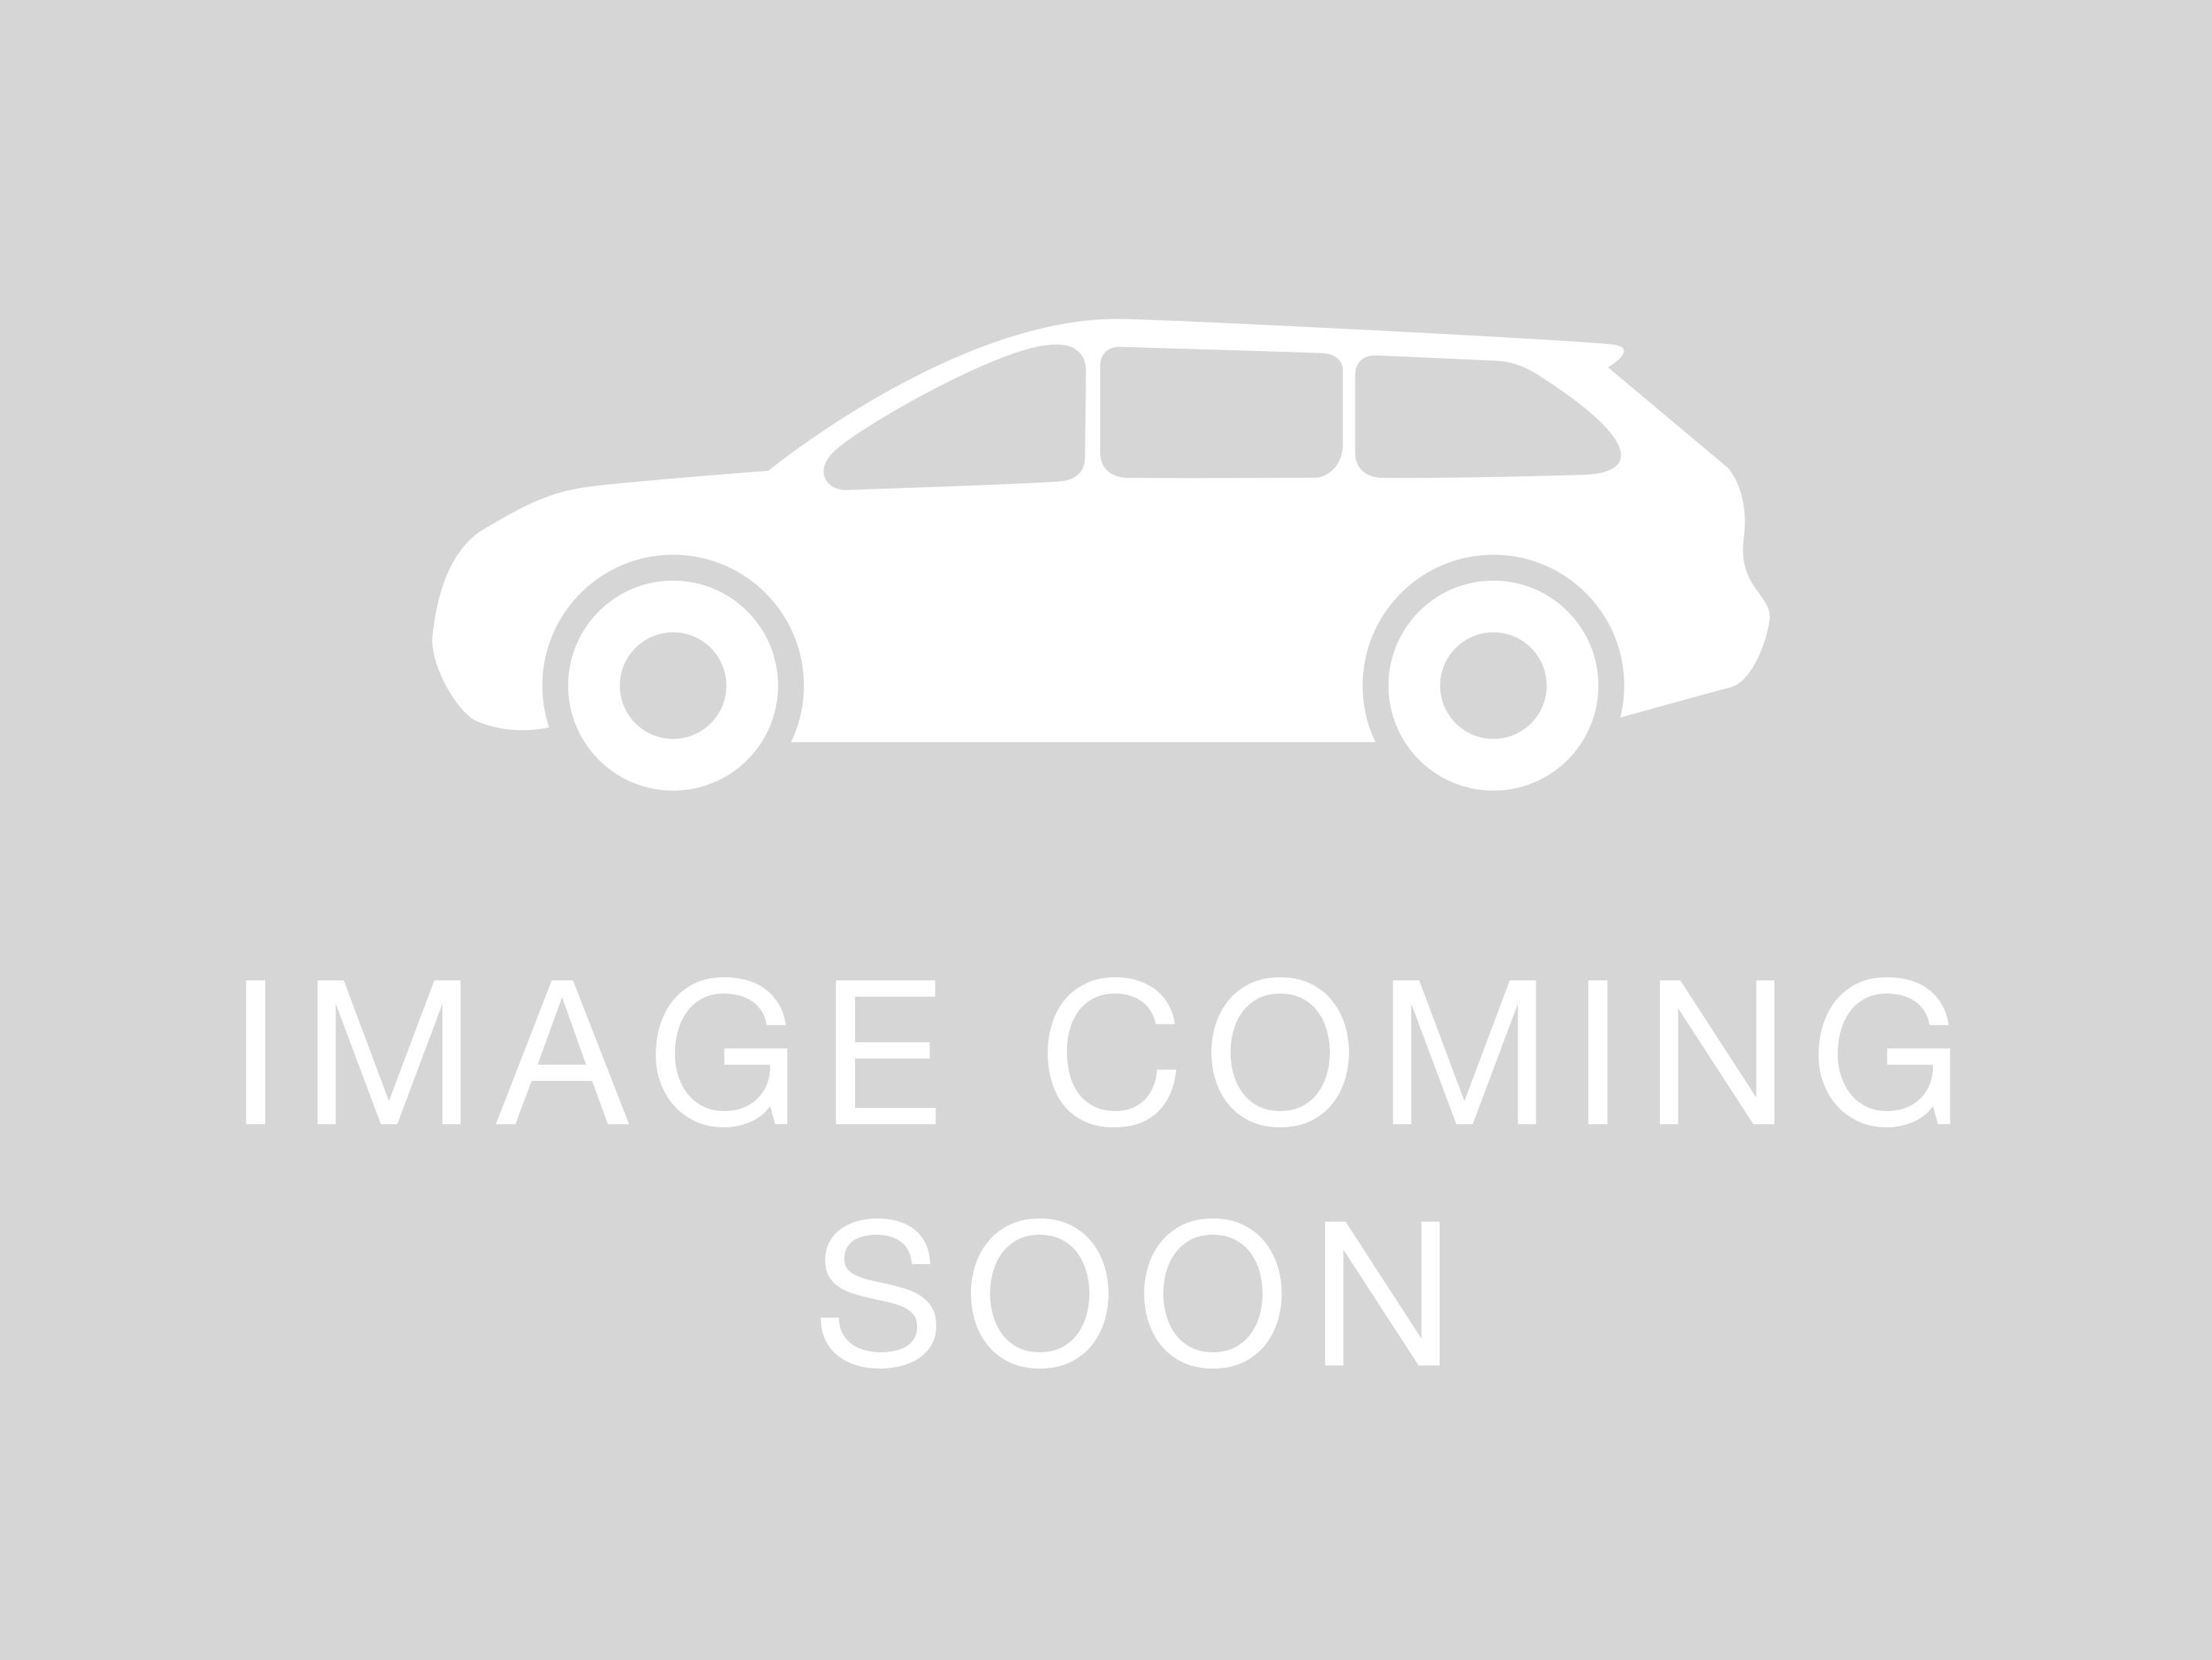 replace with title format for vehicle 2010 porsche 911 gt3 3 8 rh usedporsche co nz 2017 Porsche 911 GT3 Interier Manual Porsche 911 GT3